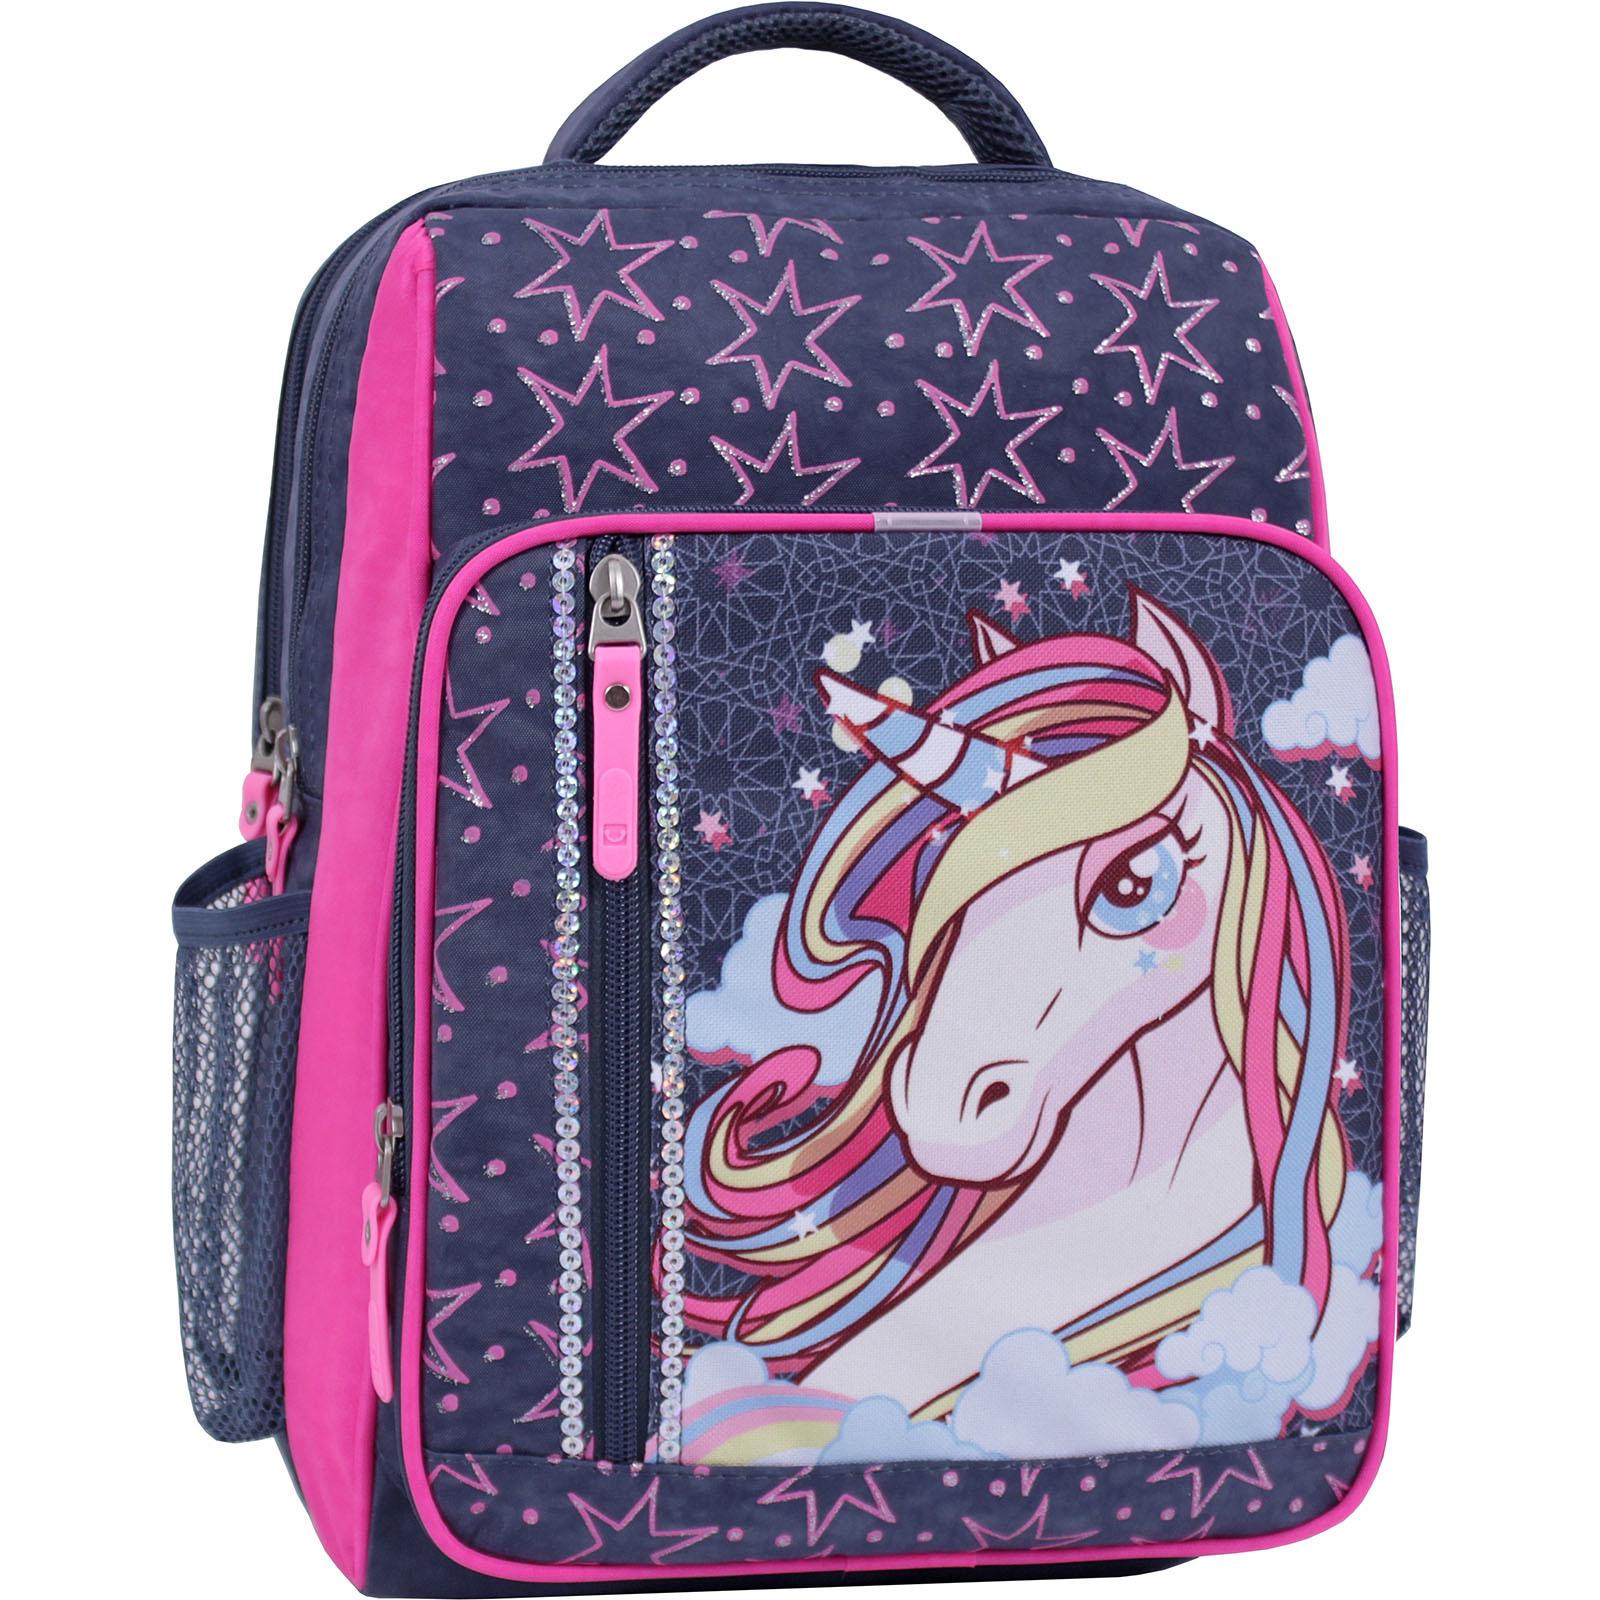 Детские рюкзаки Рюкзак школьный Bagland Школьник 8 л. 321 серый 511 (0012870) IMG_0387_суб.511_.JPG